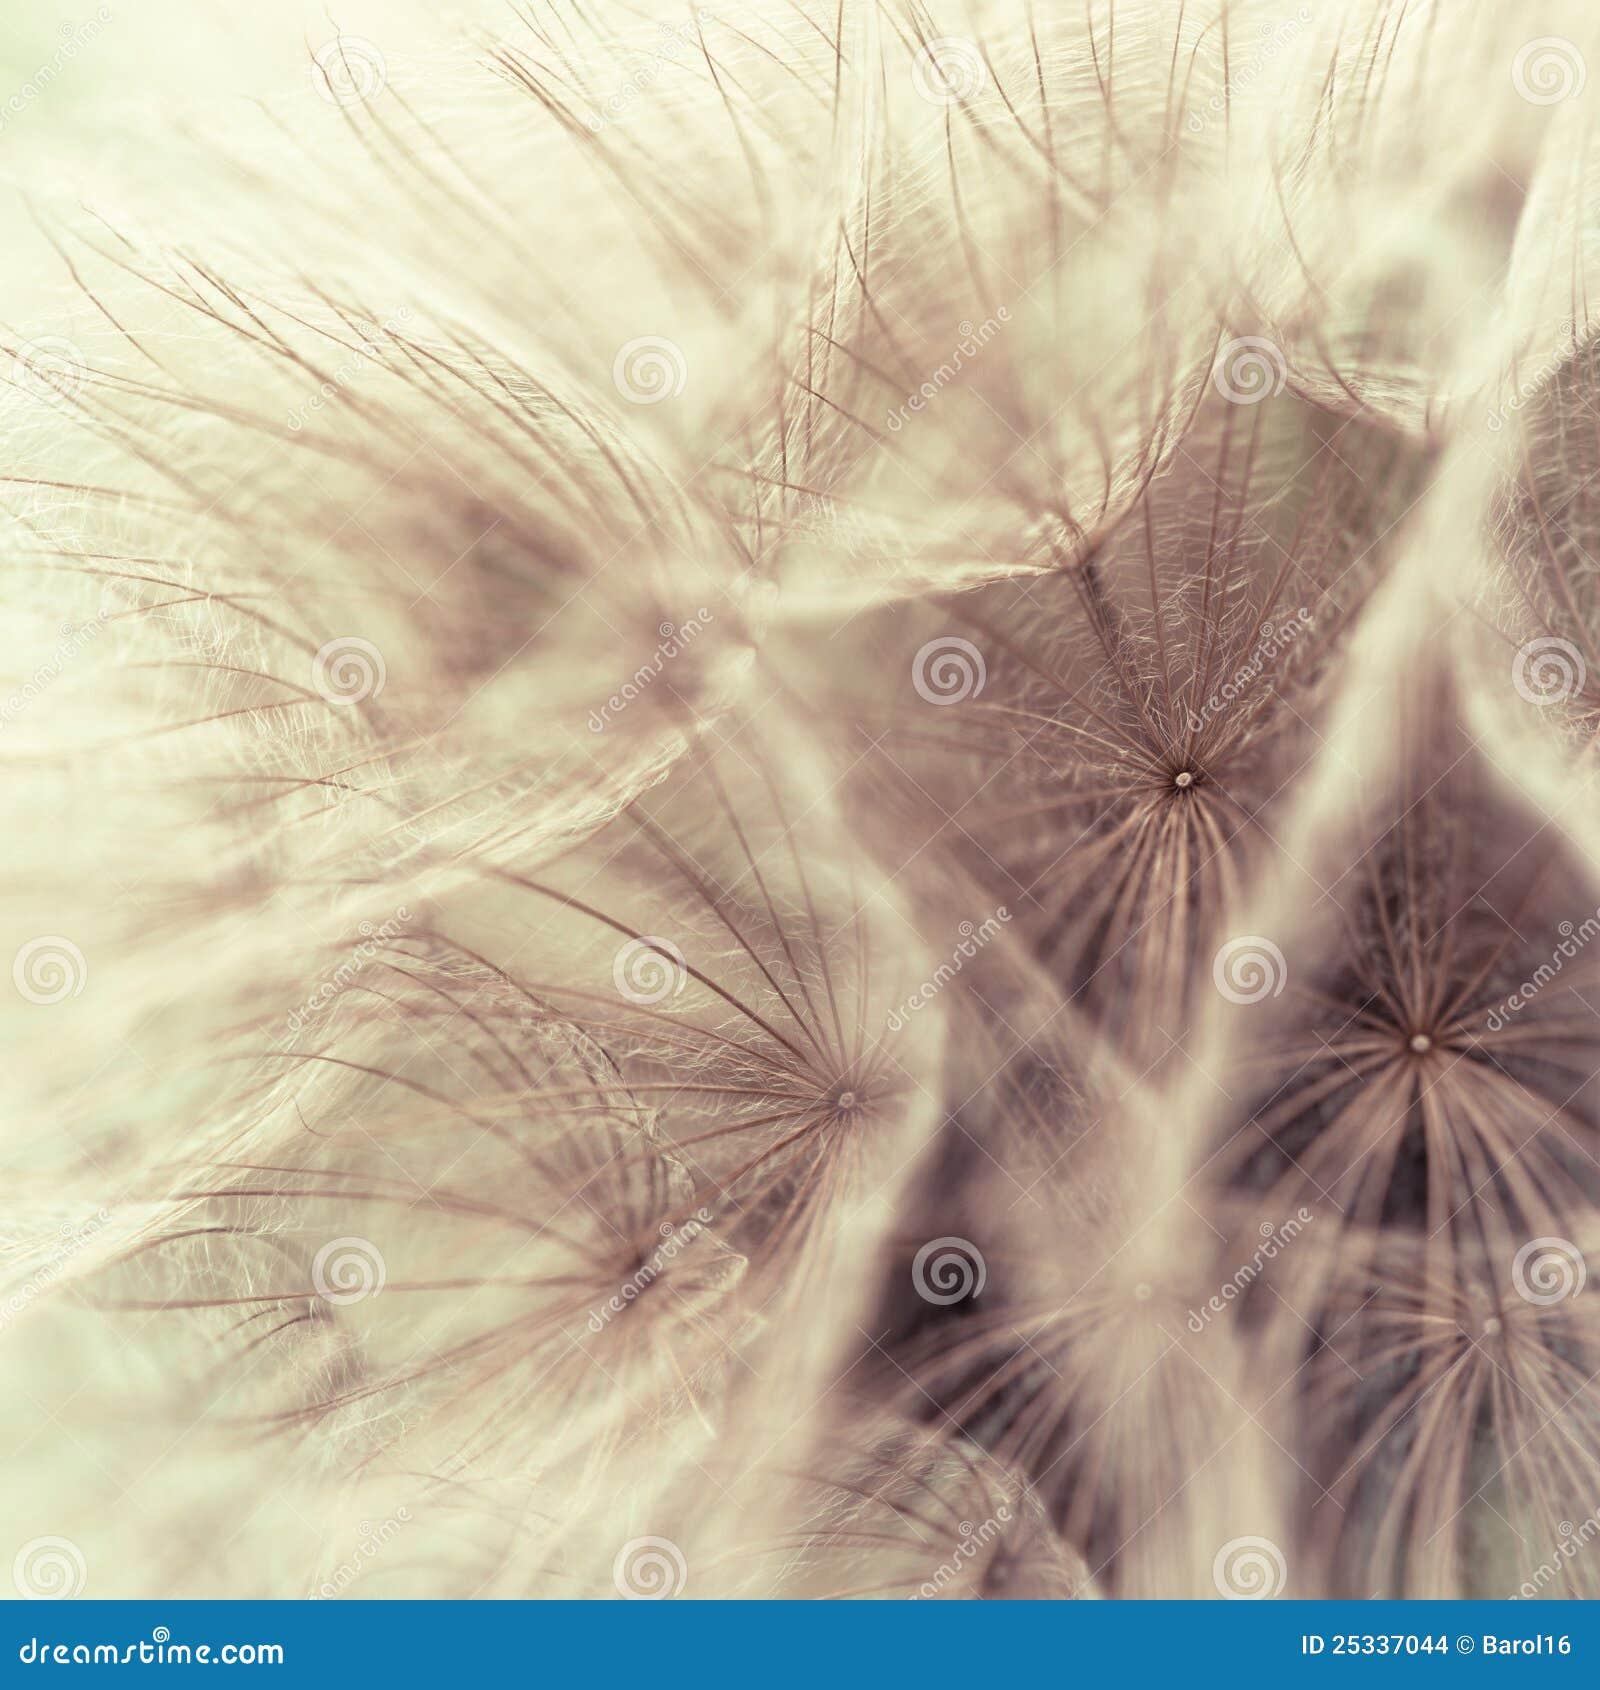 Abstracte close-up van een weideschorseneer